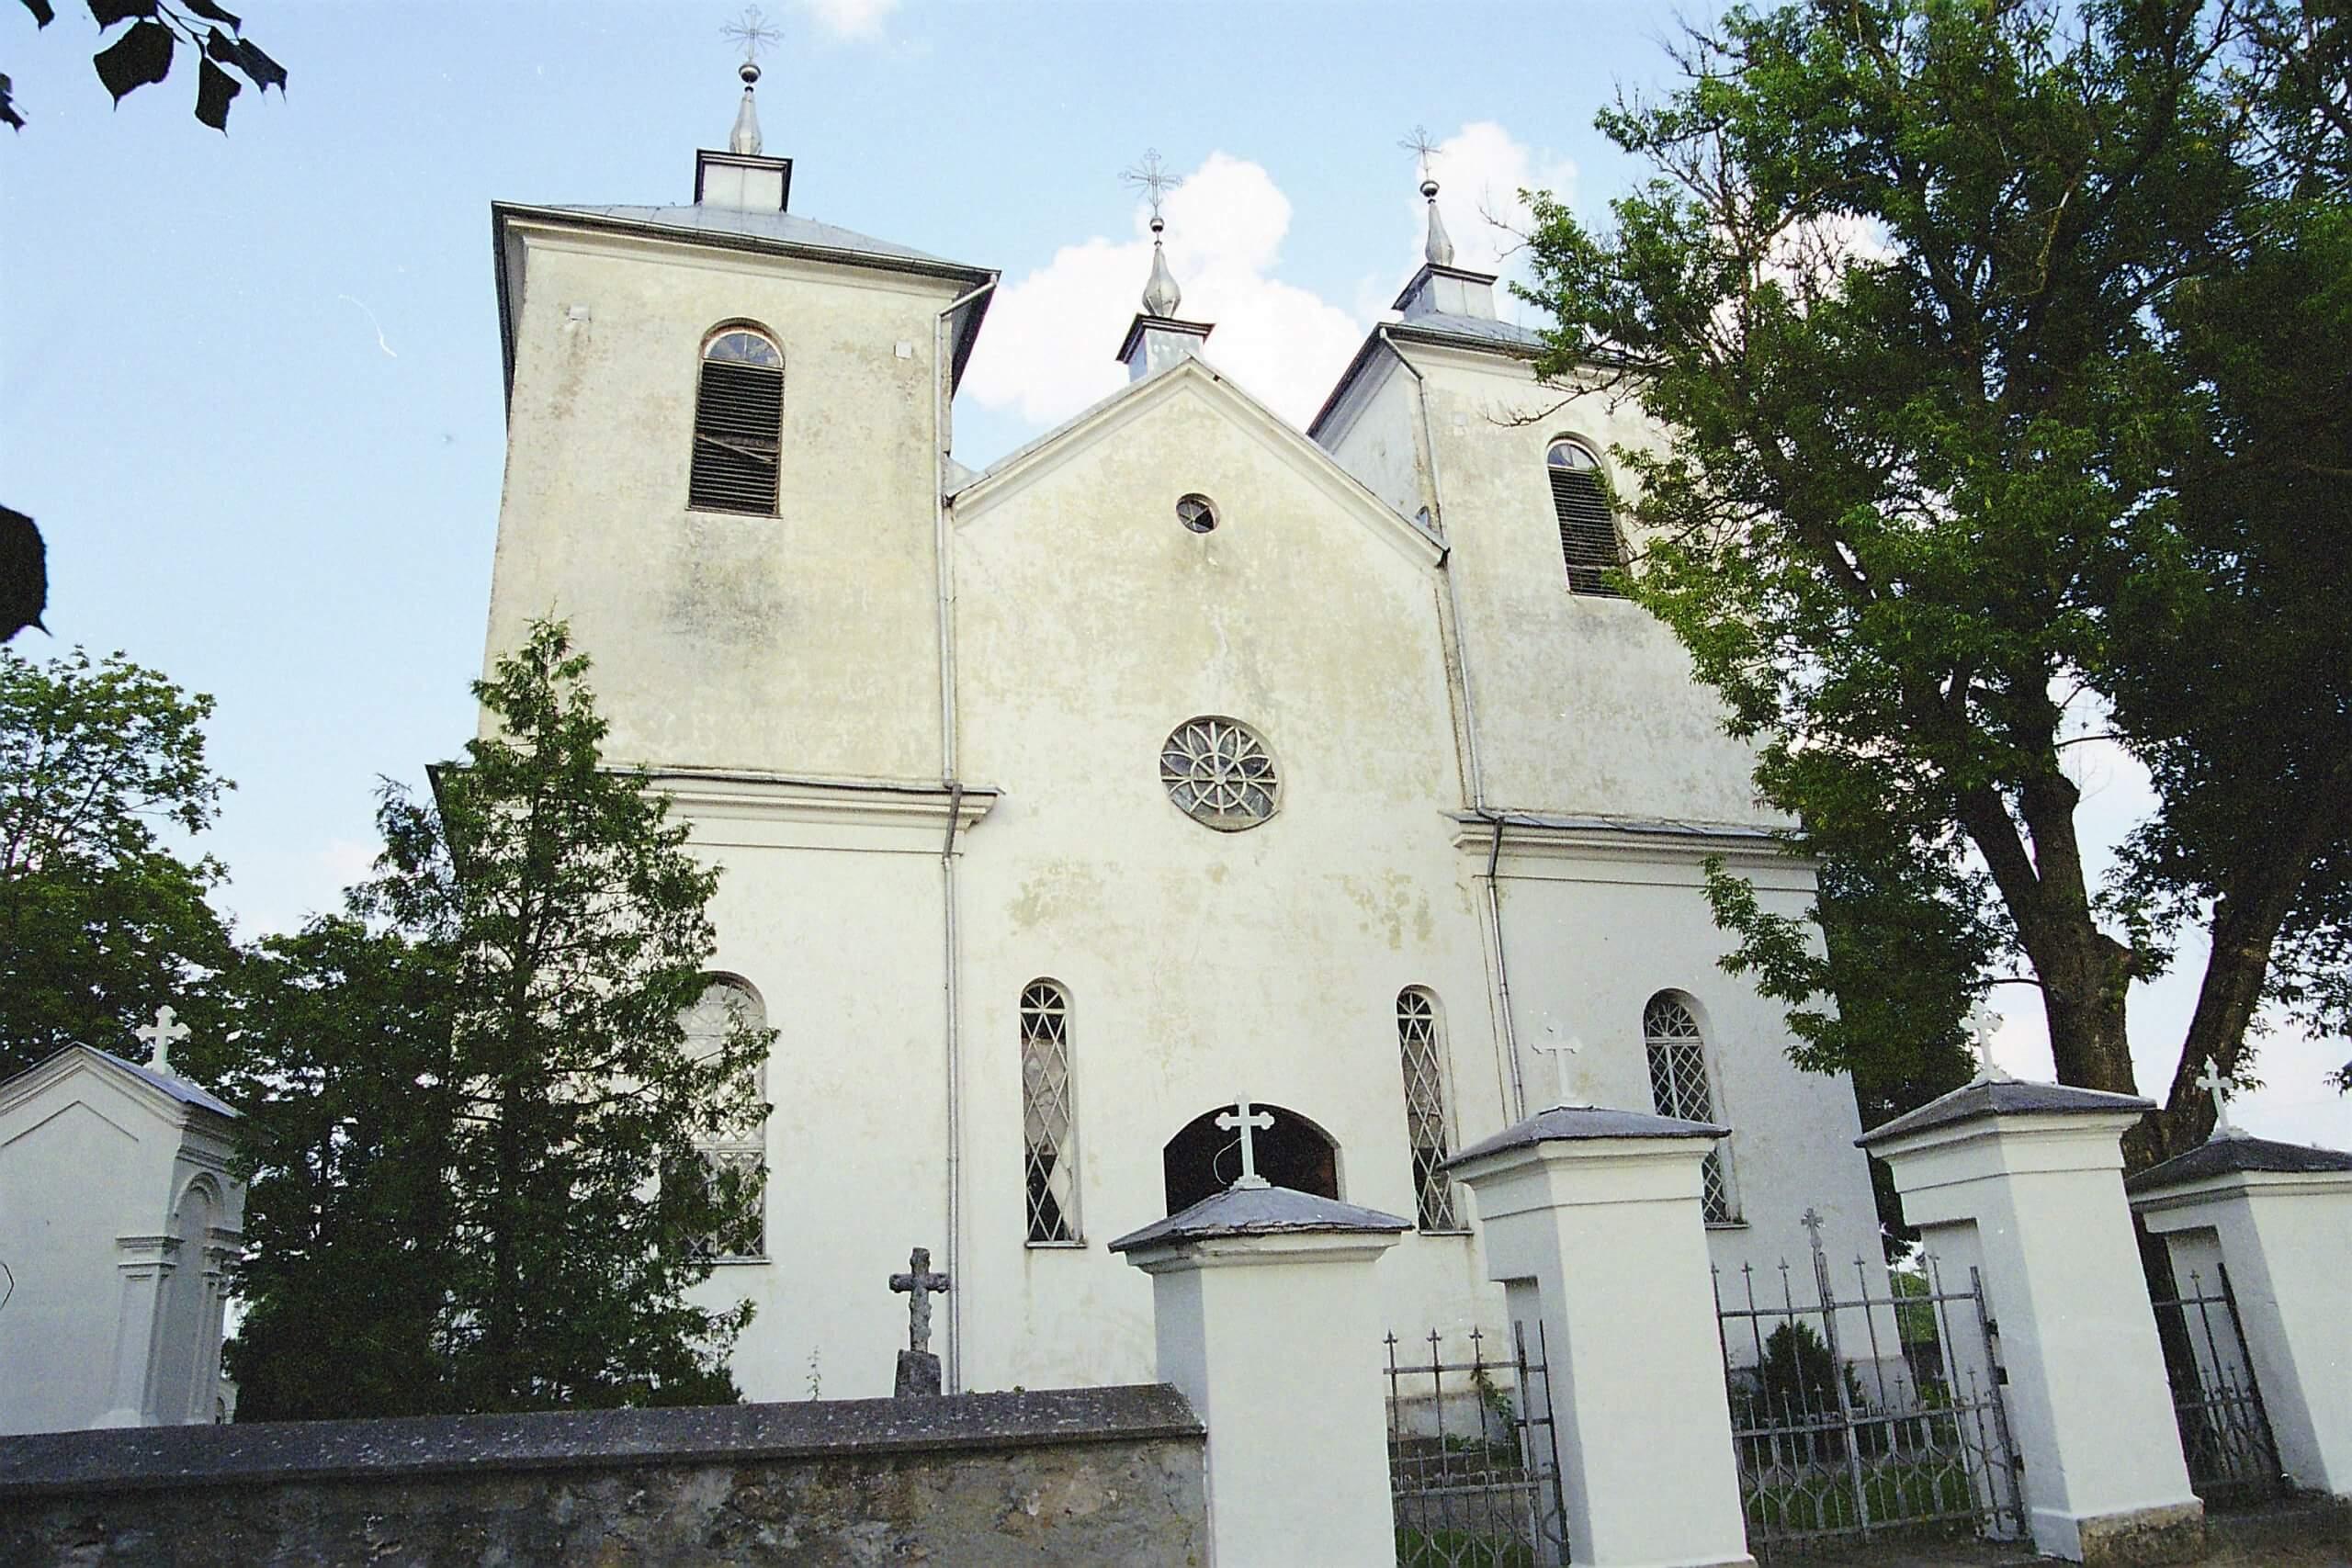 Pašvitinio Švč. Trejybės bažnyčia (Pakruojo rajonas)